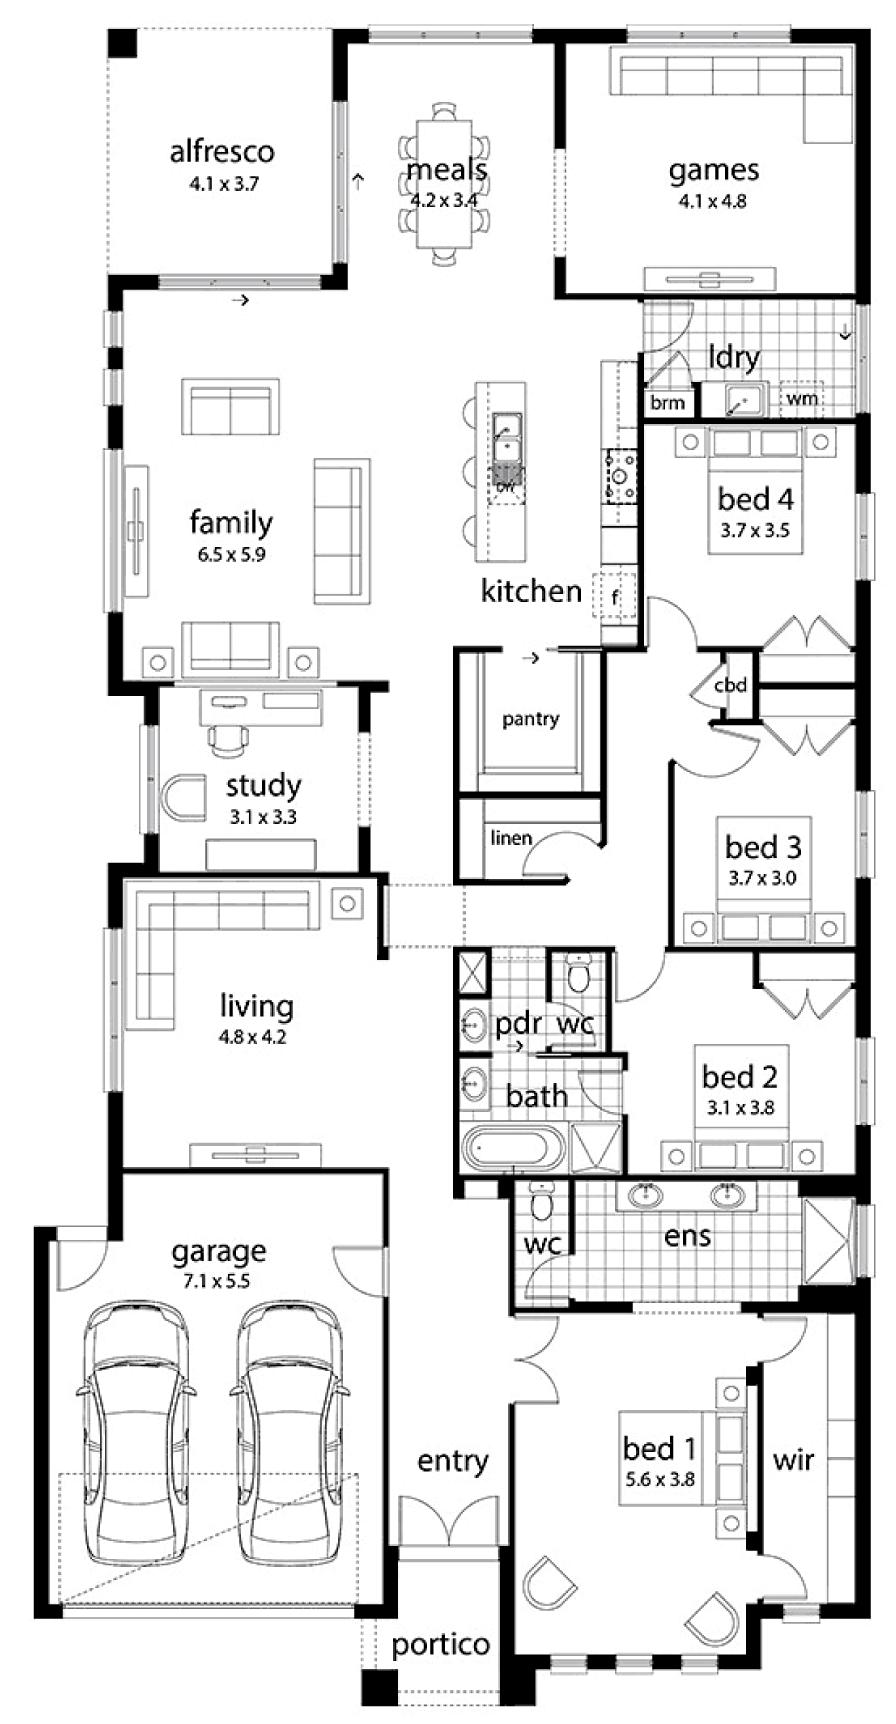 Floor Plan Friday Large Family Home Australian House Plans Home Design Floor Plans House Floor Plans